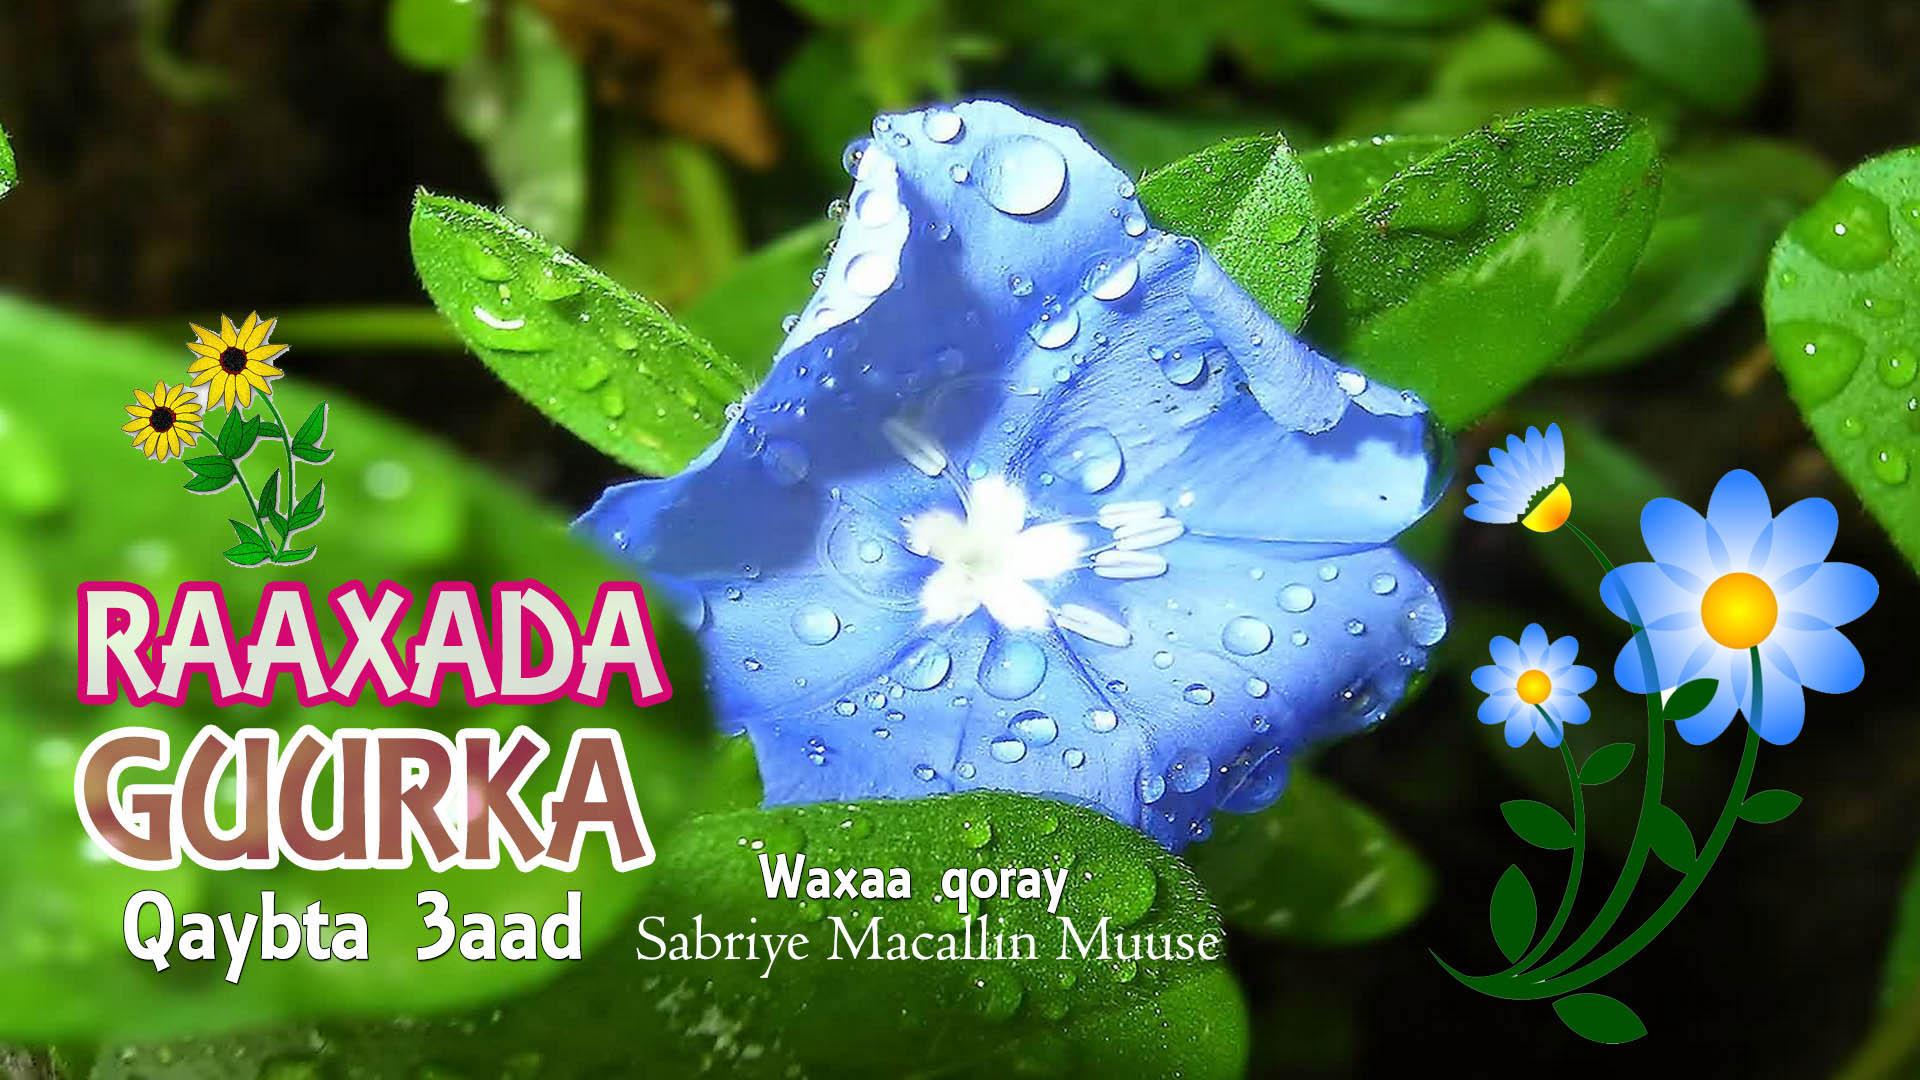 Raaxada Guurka – Qaybta 3aad